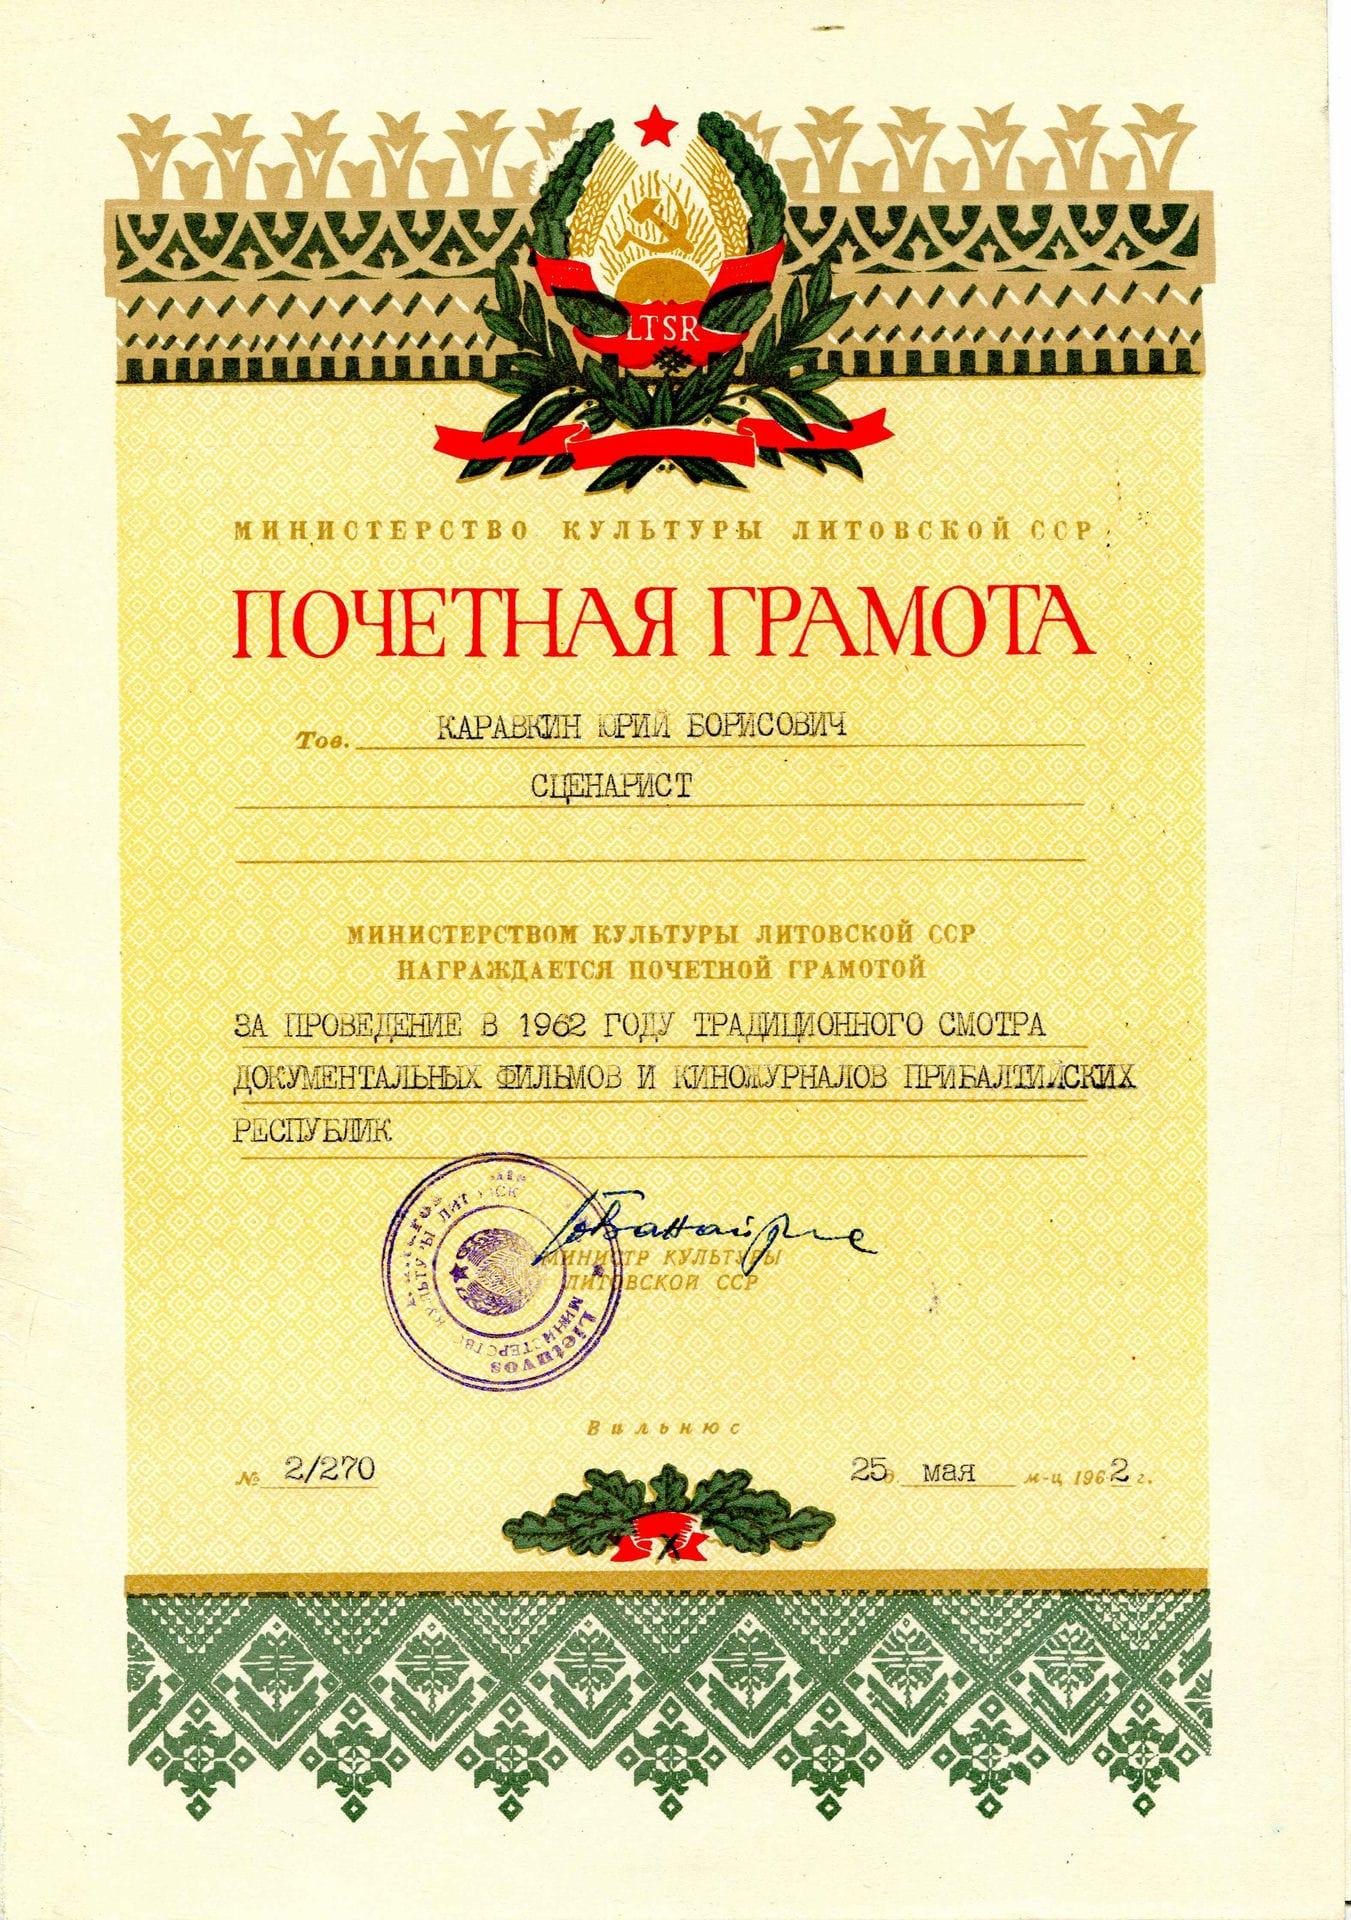 Экспонат #19. Почетная грамота Министерства культуры Литовской ССР